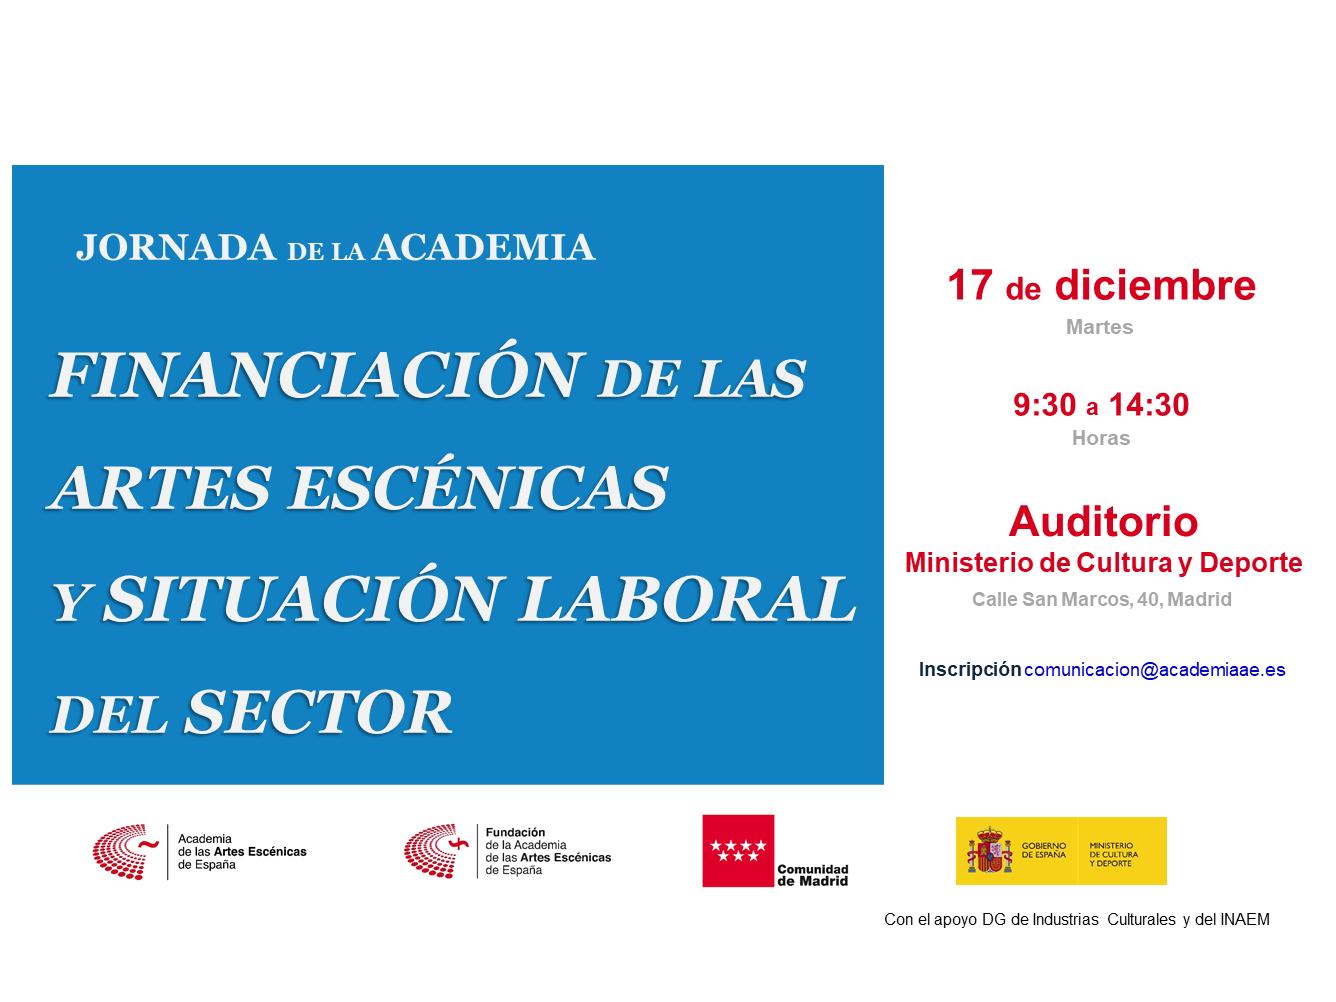 Foto de Jornada de la Academia: Financiación de las Artes Escénicas y Situación Laboral del sector